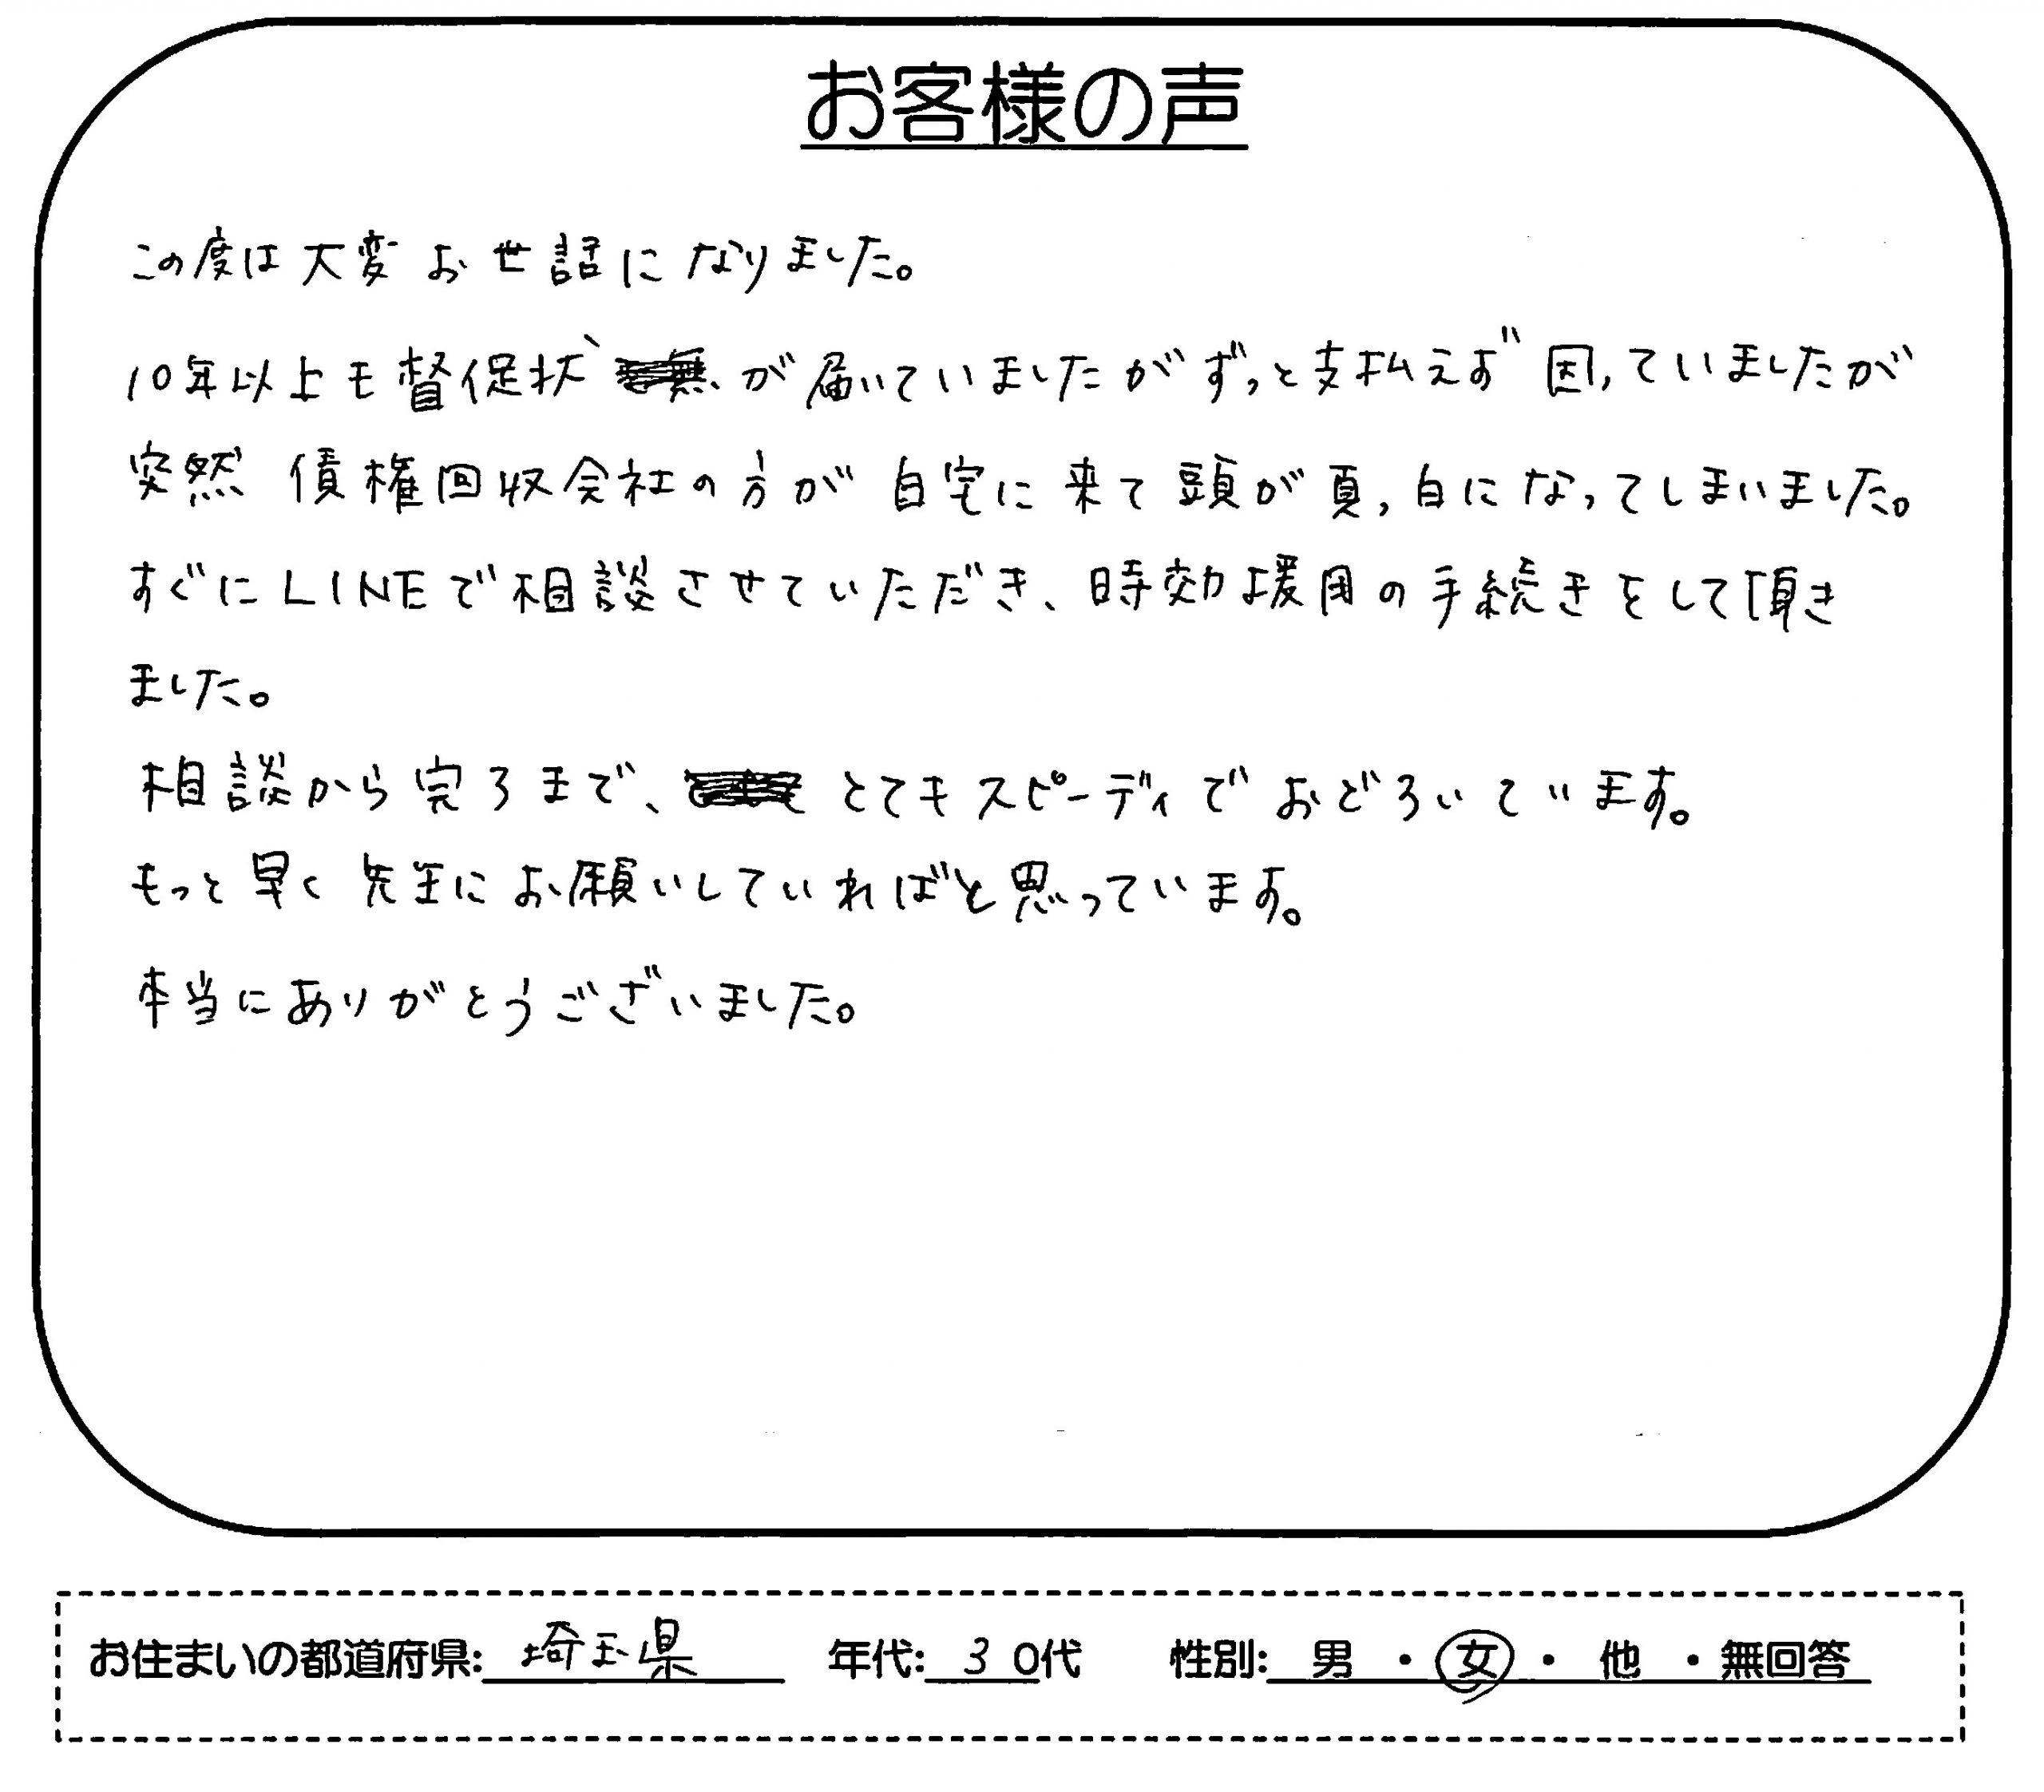 日本保証 アコム アイフルへの時効援用の口コミ・評判